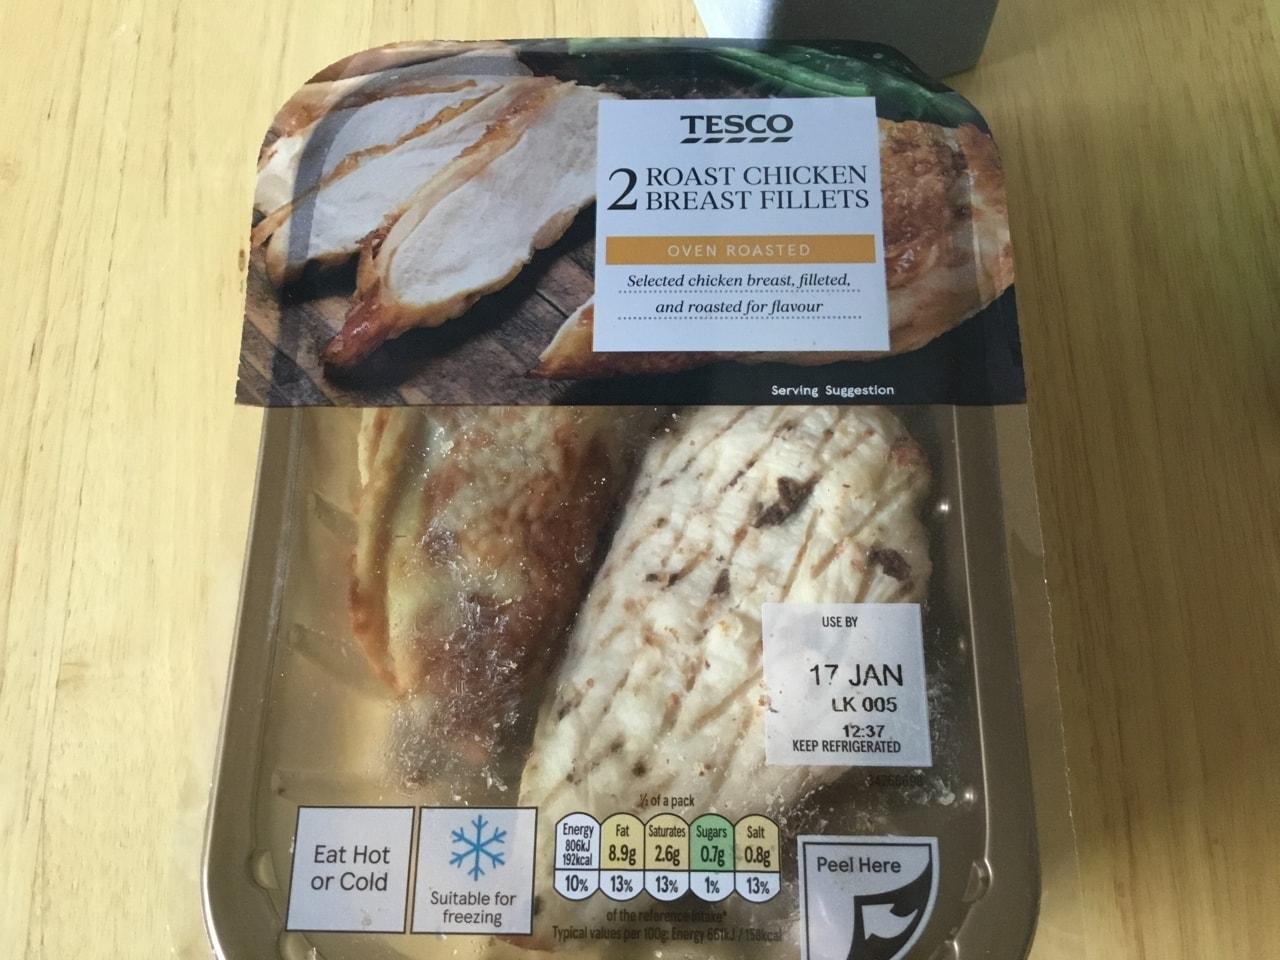 Tesco roast chicken breast fillets